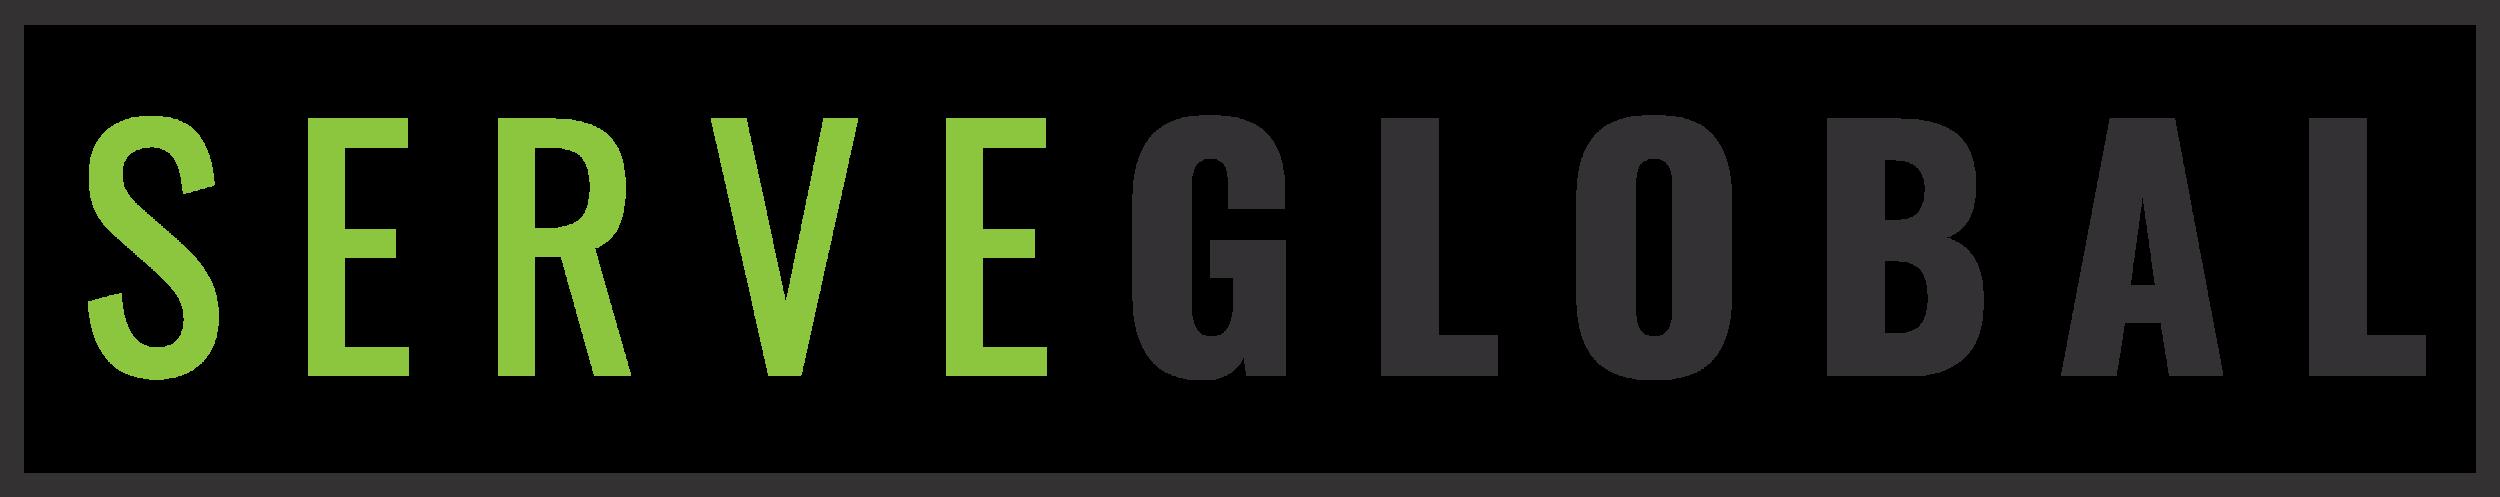 ServeGlobal_Logo.png